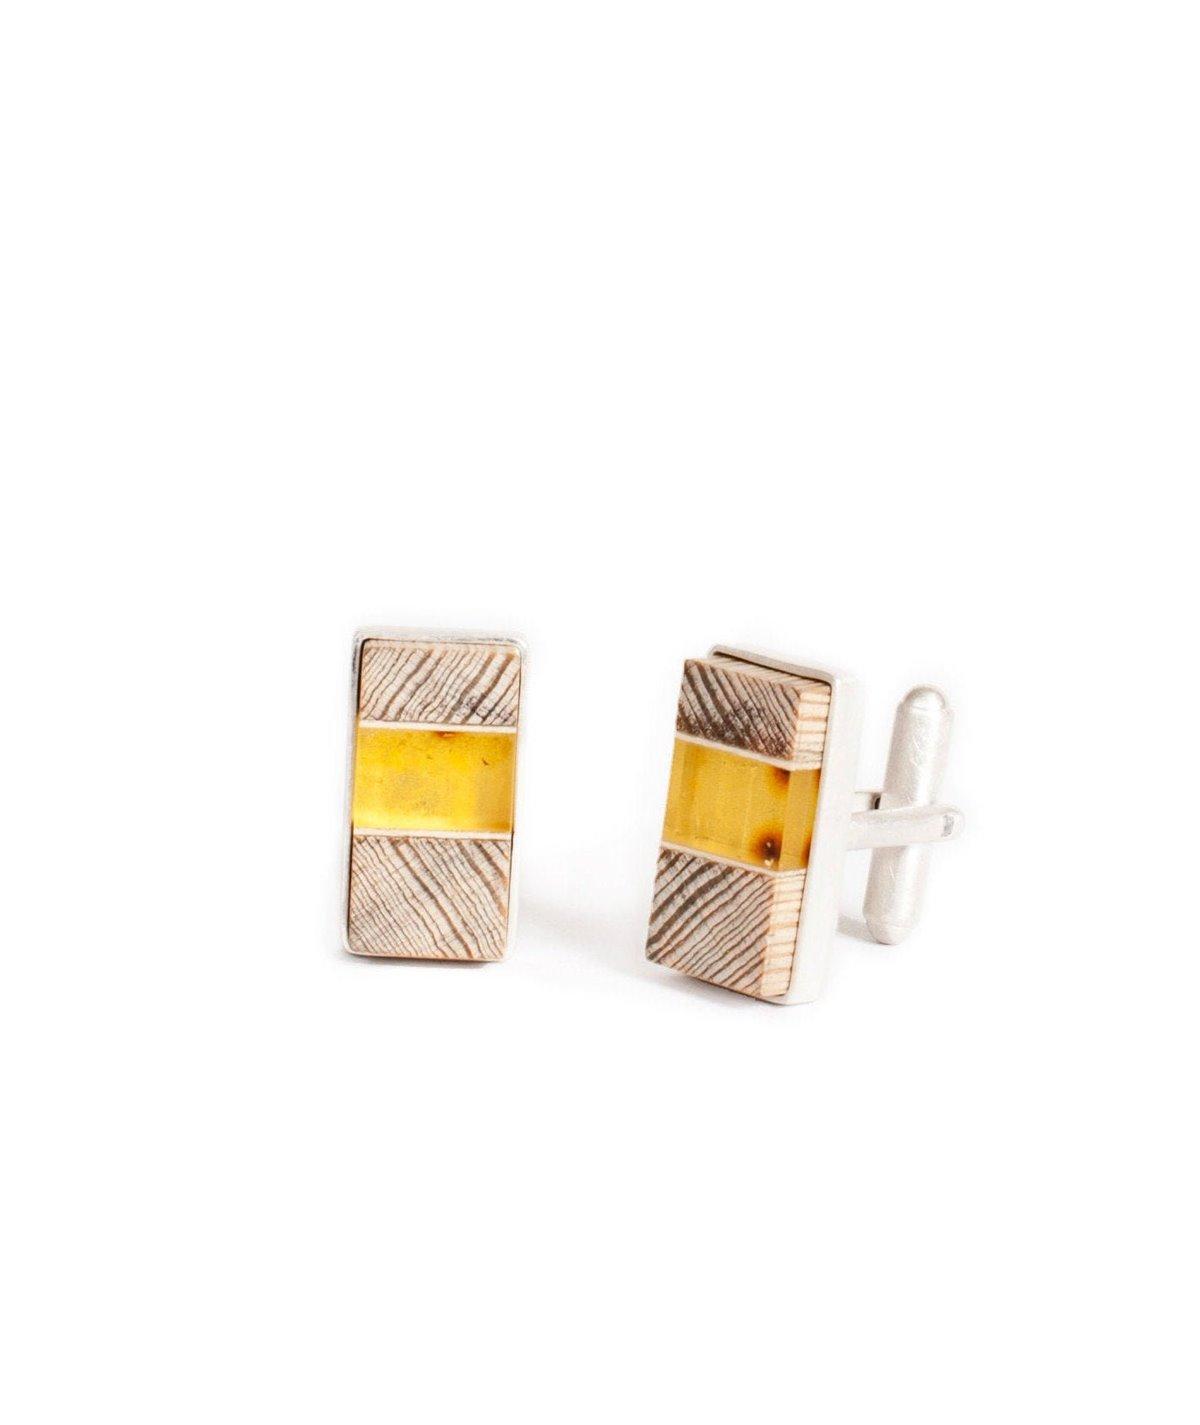 Manschettenknöpfe baltischer Bernstein + Treibholz + Silber, gelb silber, Amberwood Marta Wlodarska